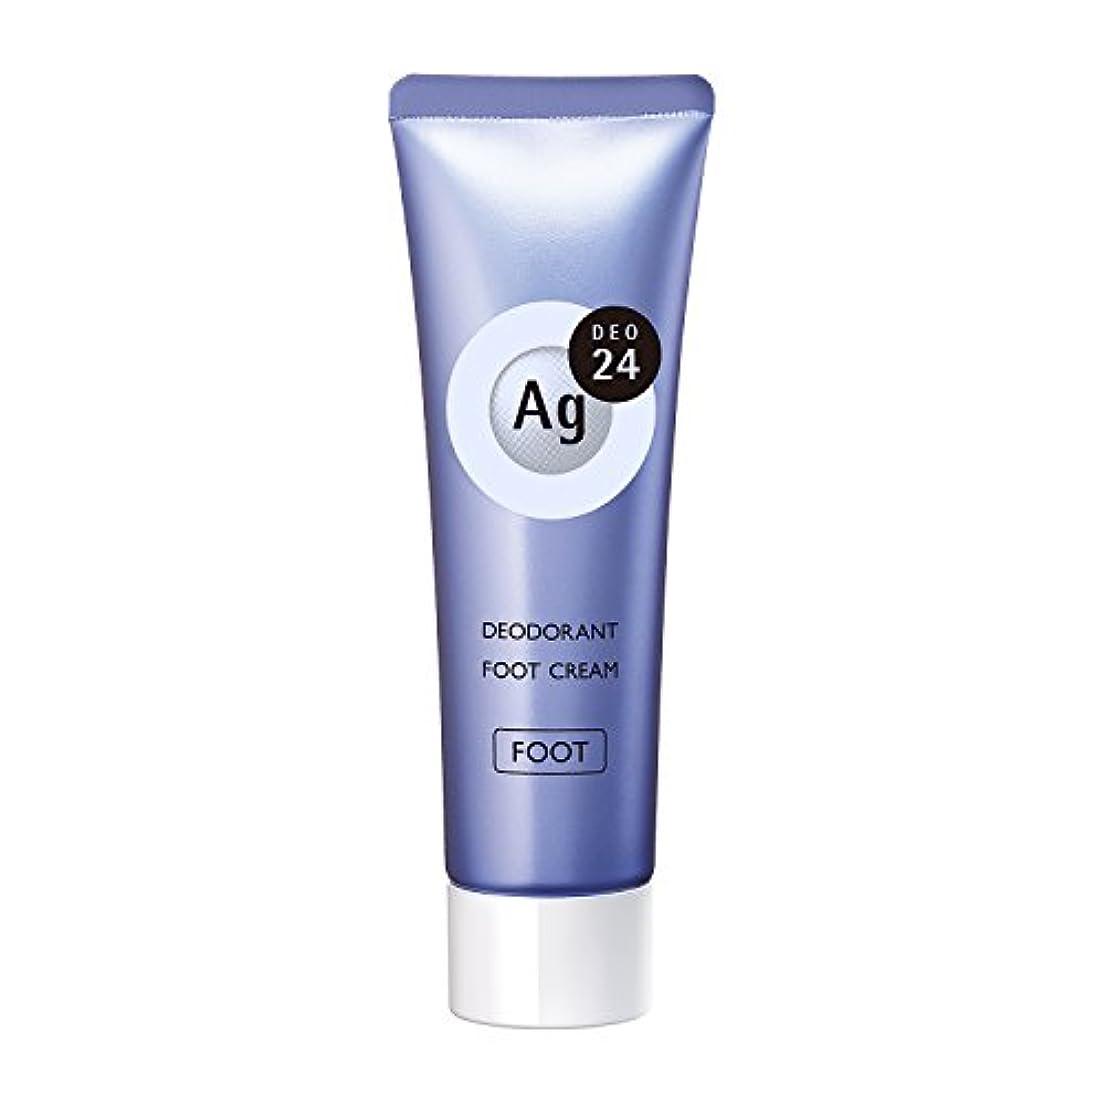 バラ色パトロン剥ぎ取るエージーデオ24 デオドラントフットクリーム 30g (医薬部外品)